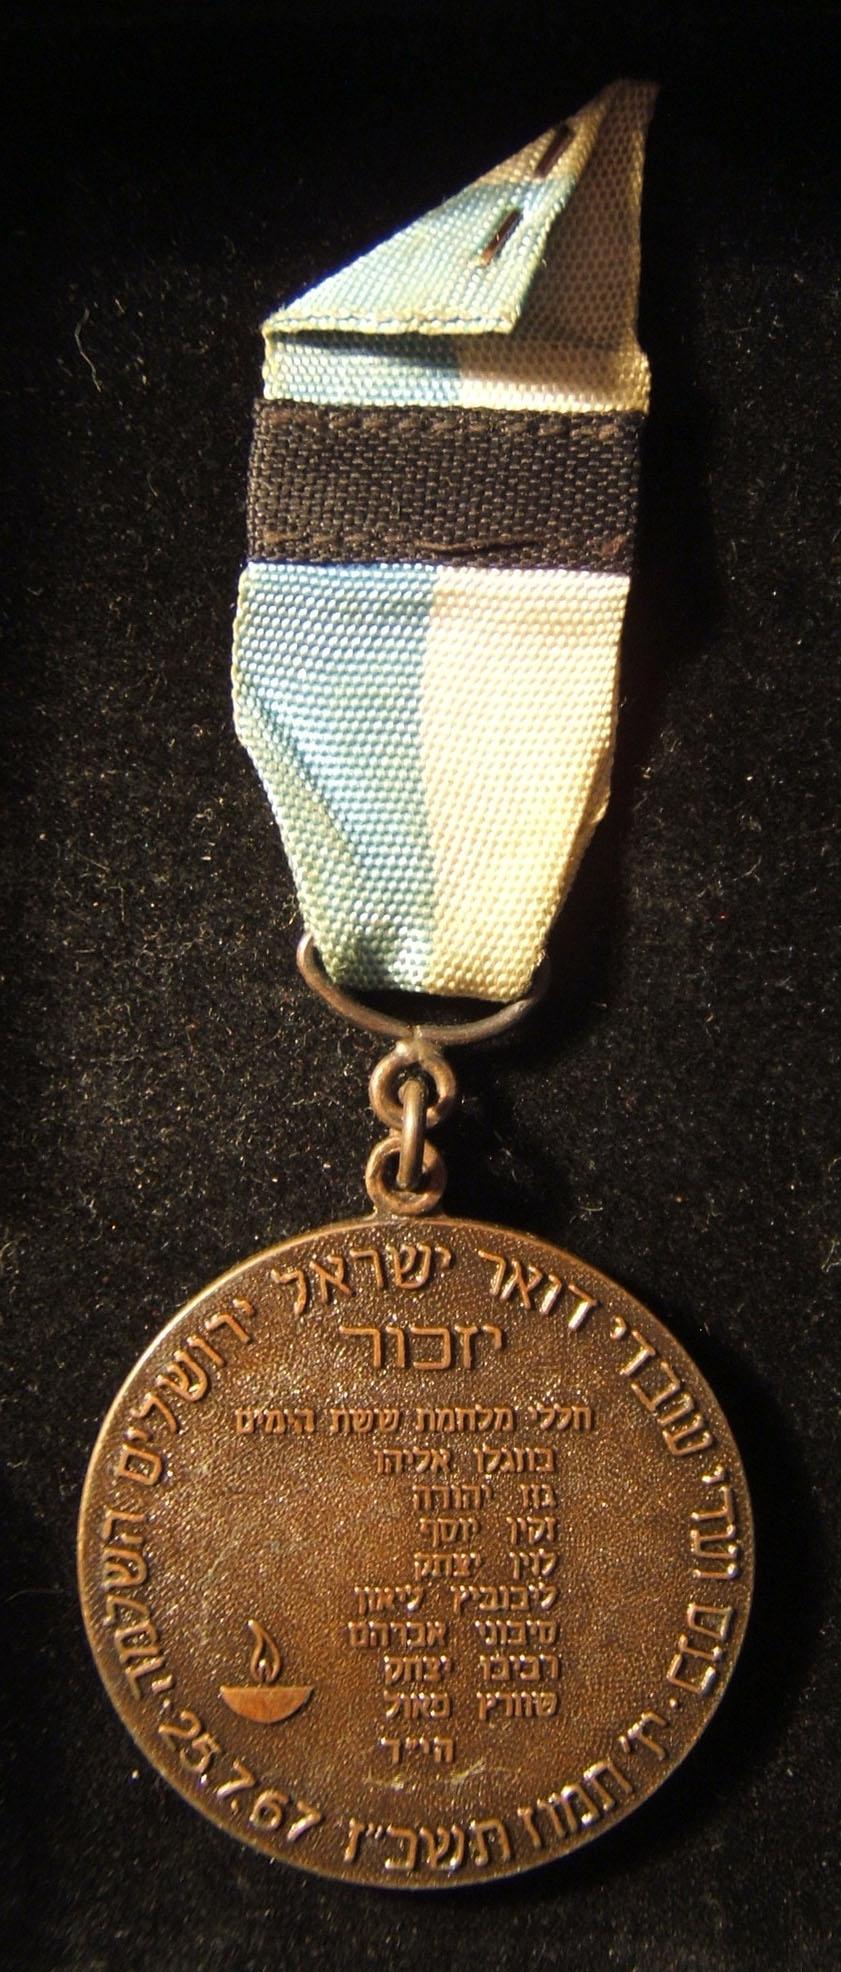 Israeli Postal Authority Workers Committee soldiers' medal, 1967